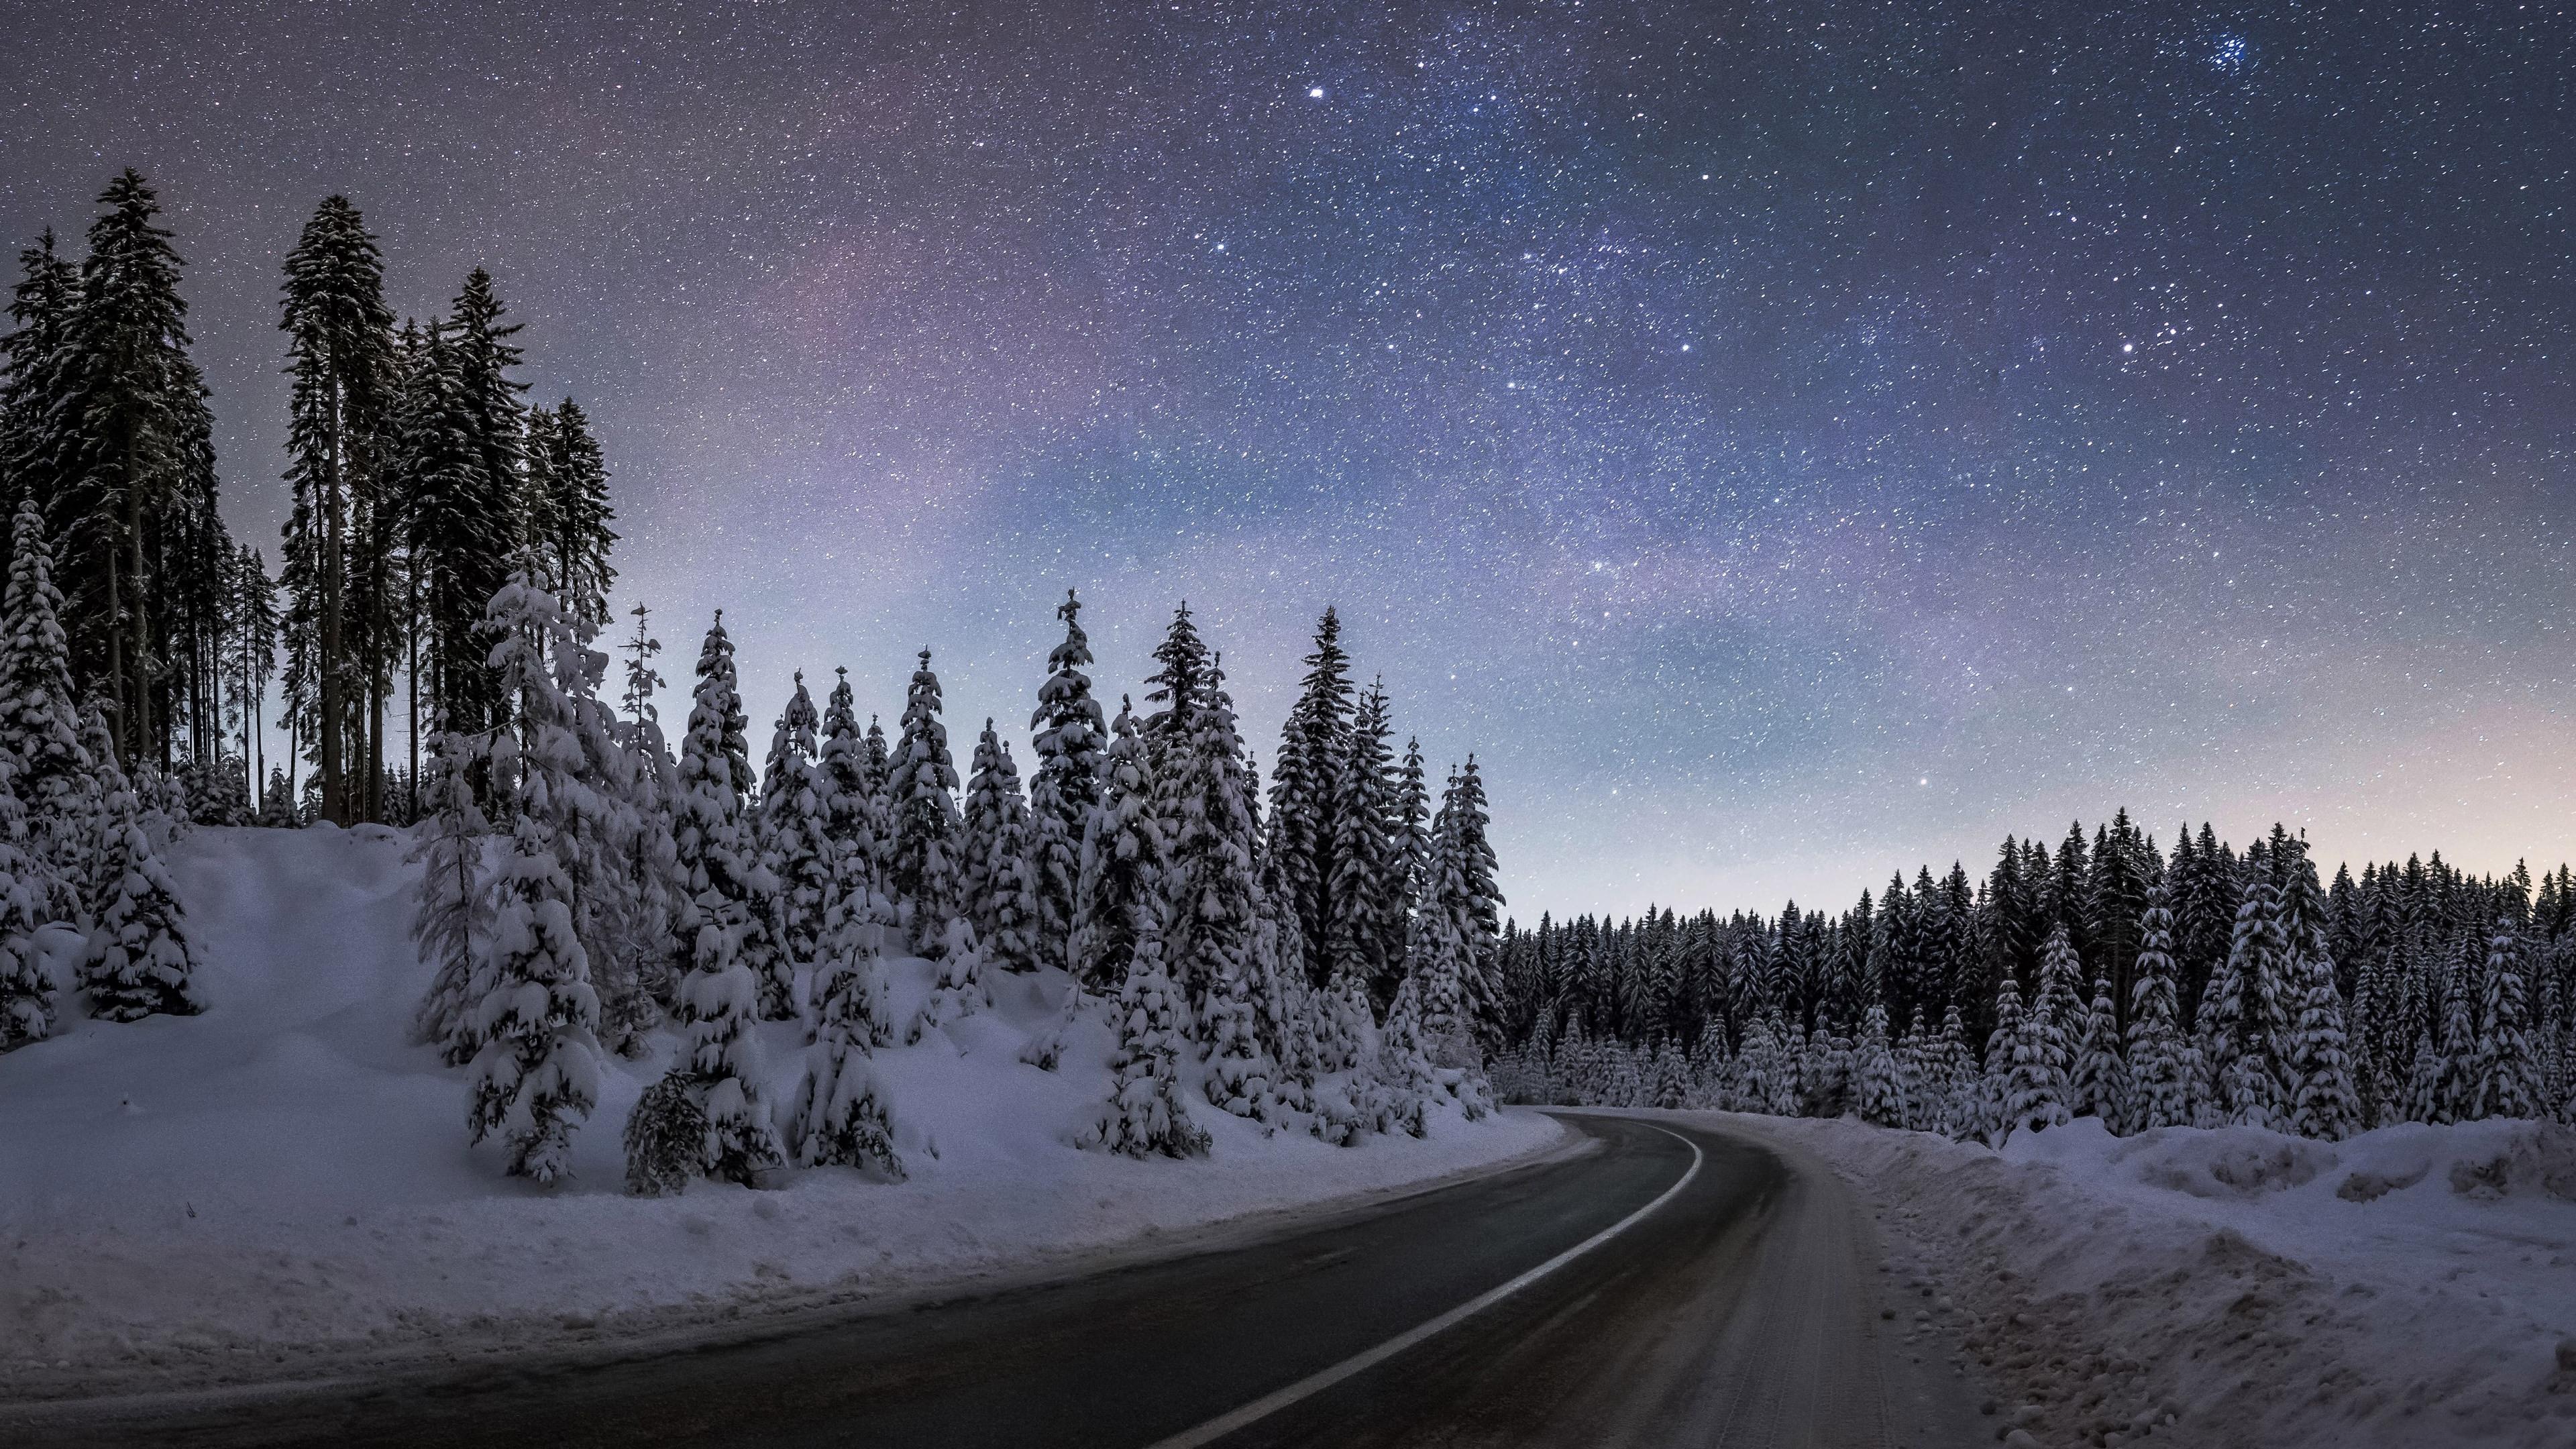 Download Wallpaper Winter Night At Pokljuka Forest 3840x2160